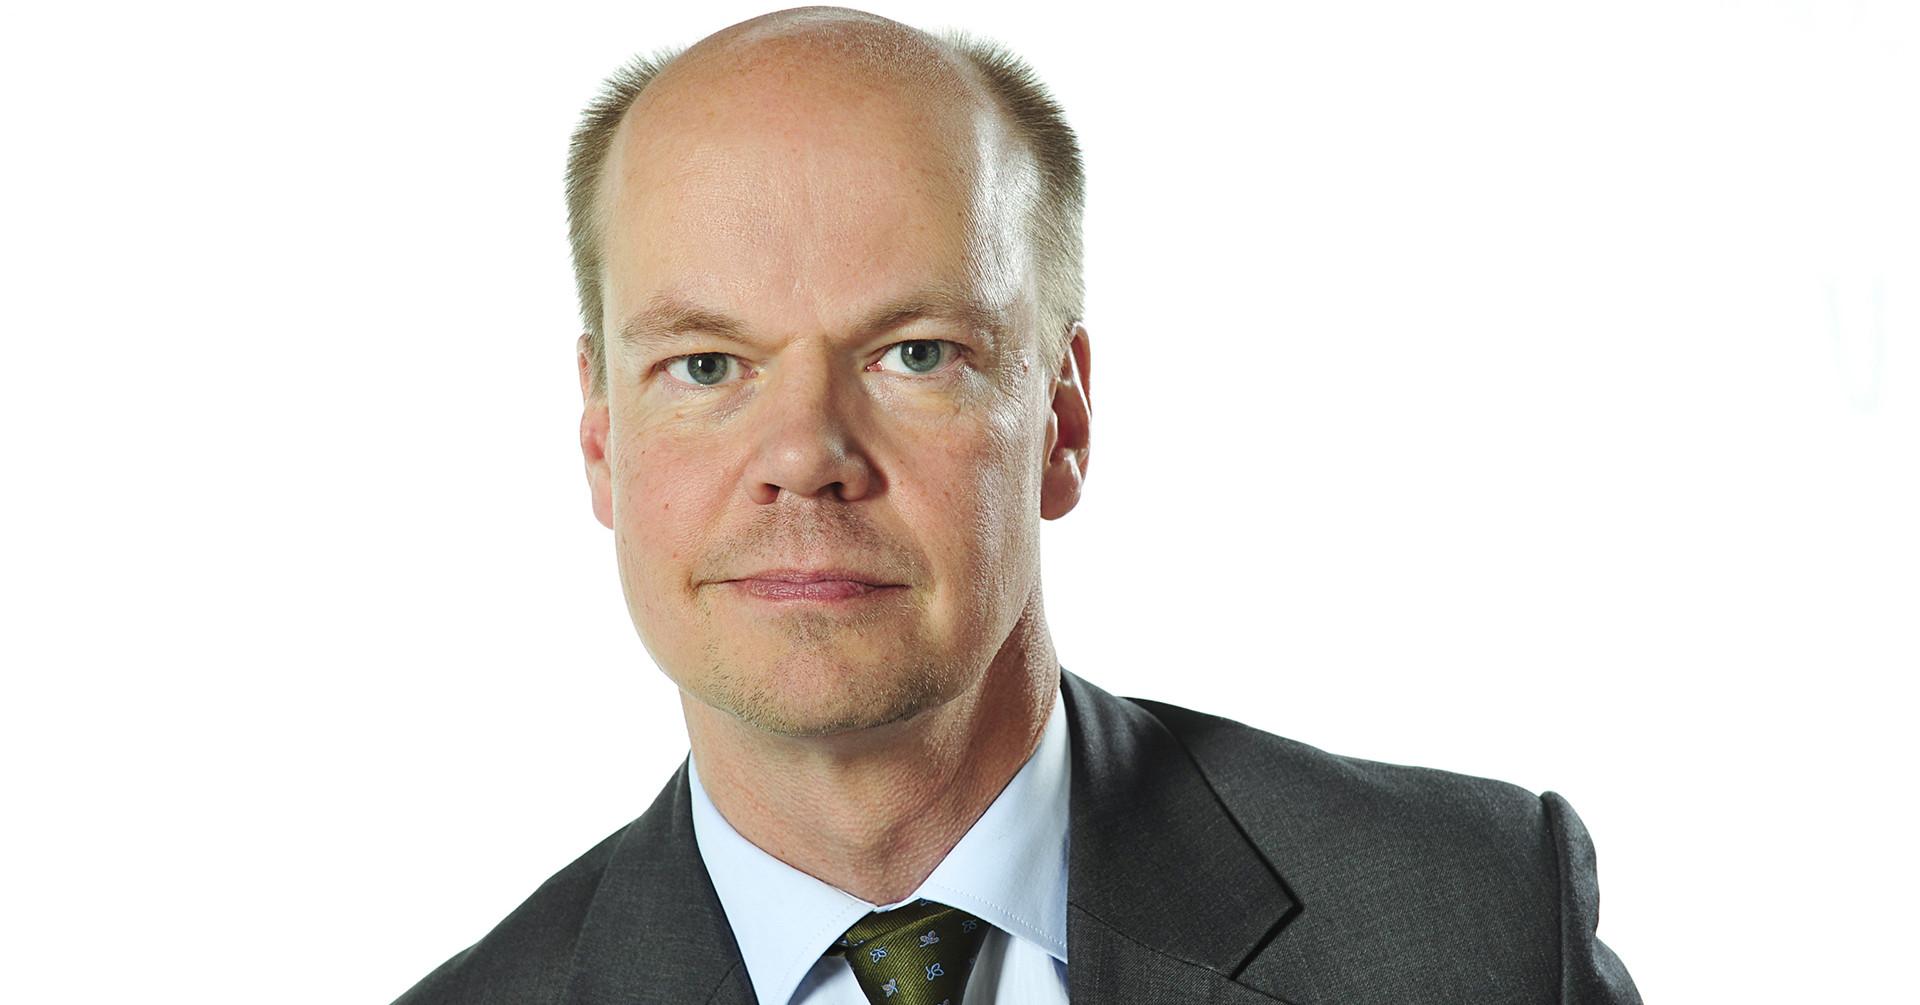 Olli-Pekka Heinonen nimitettiin Opetushallituksen pääjohtajaksi | Yle Uutiset | yle.fi